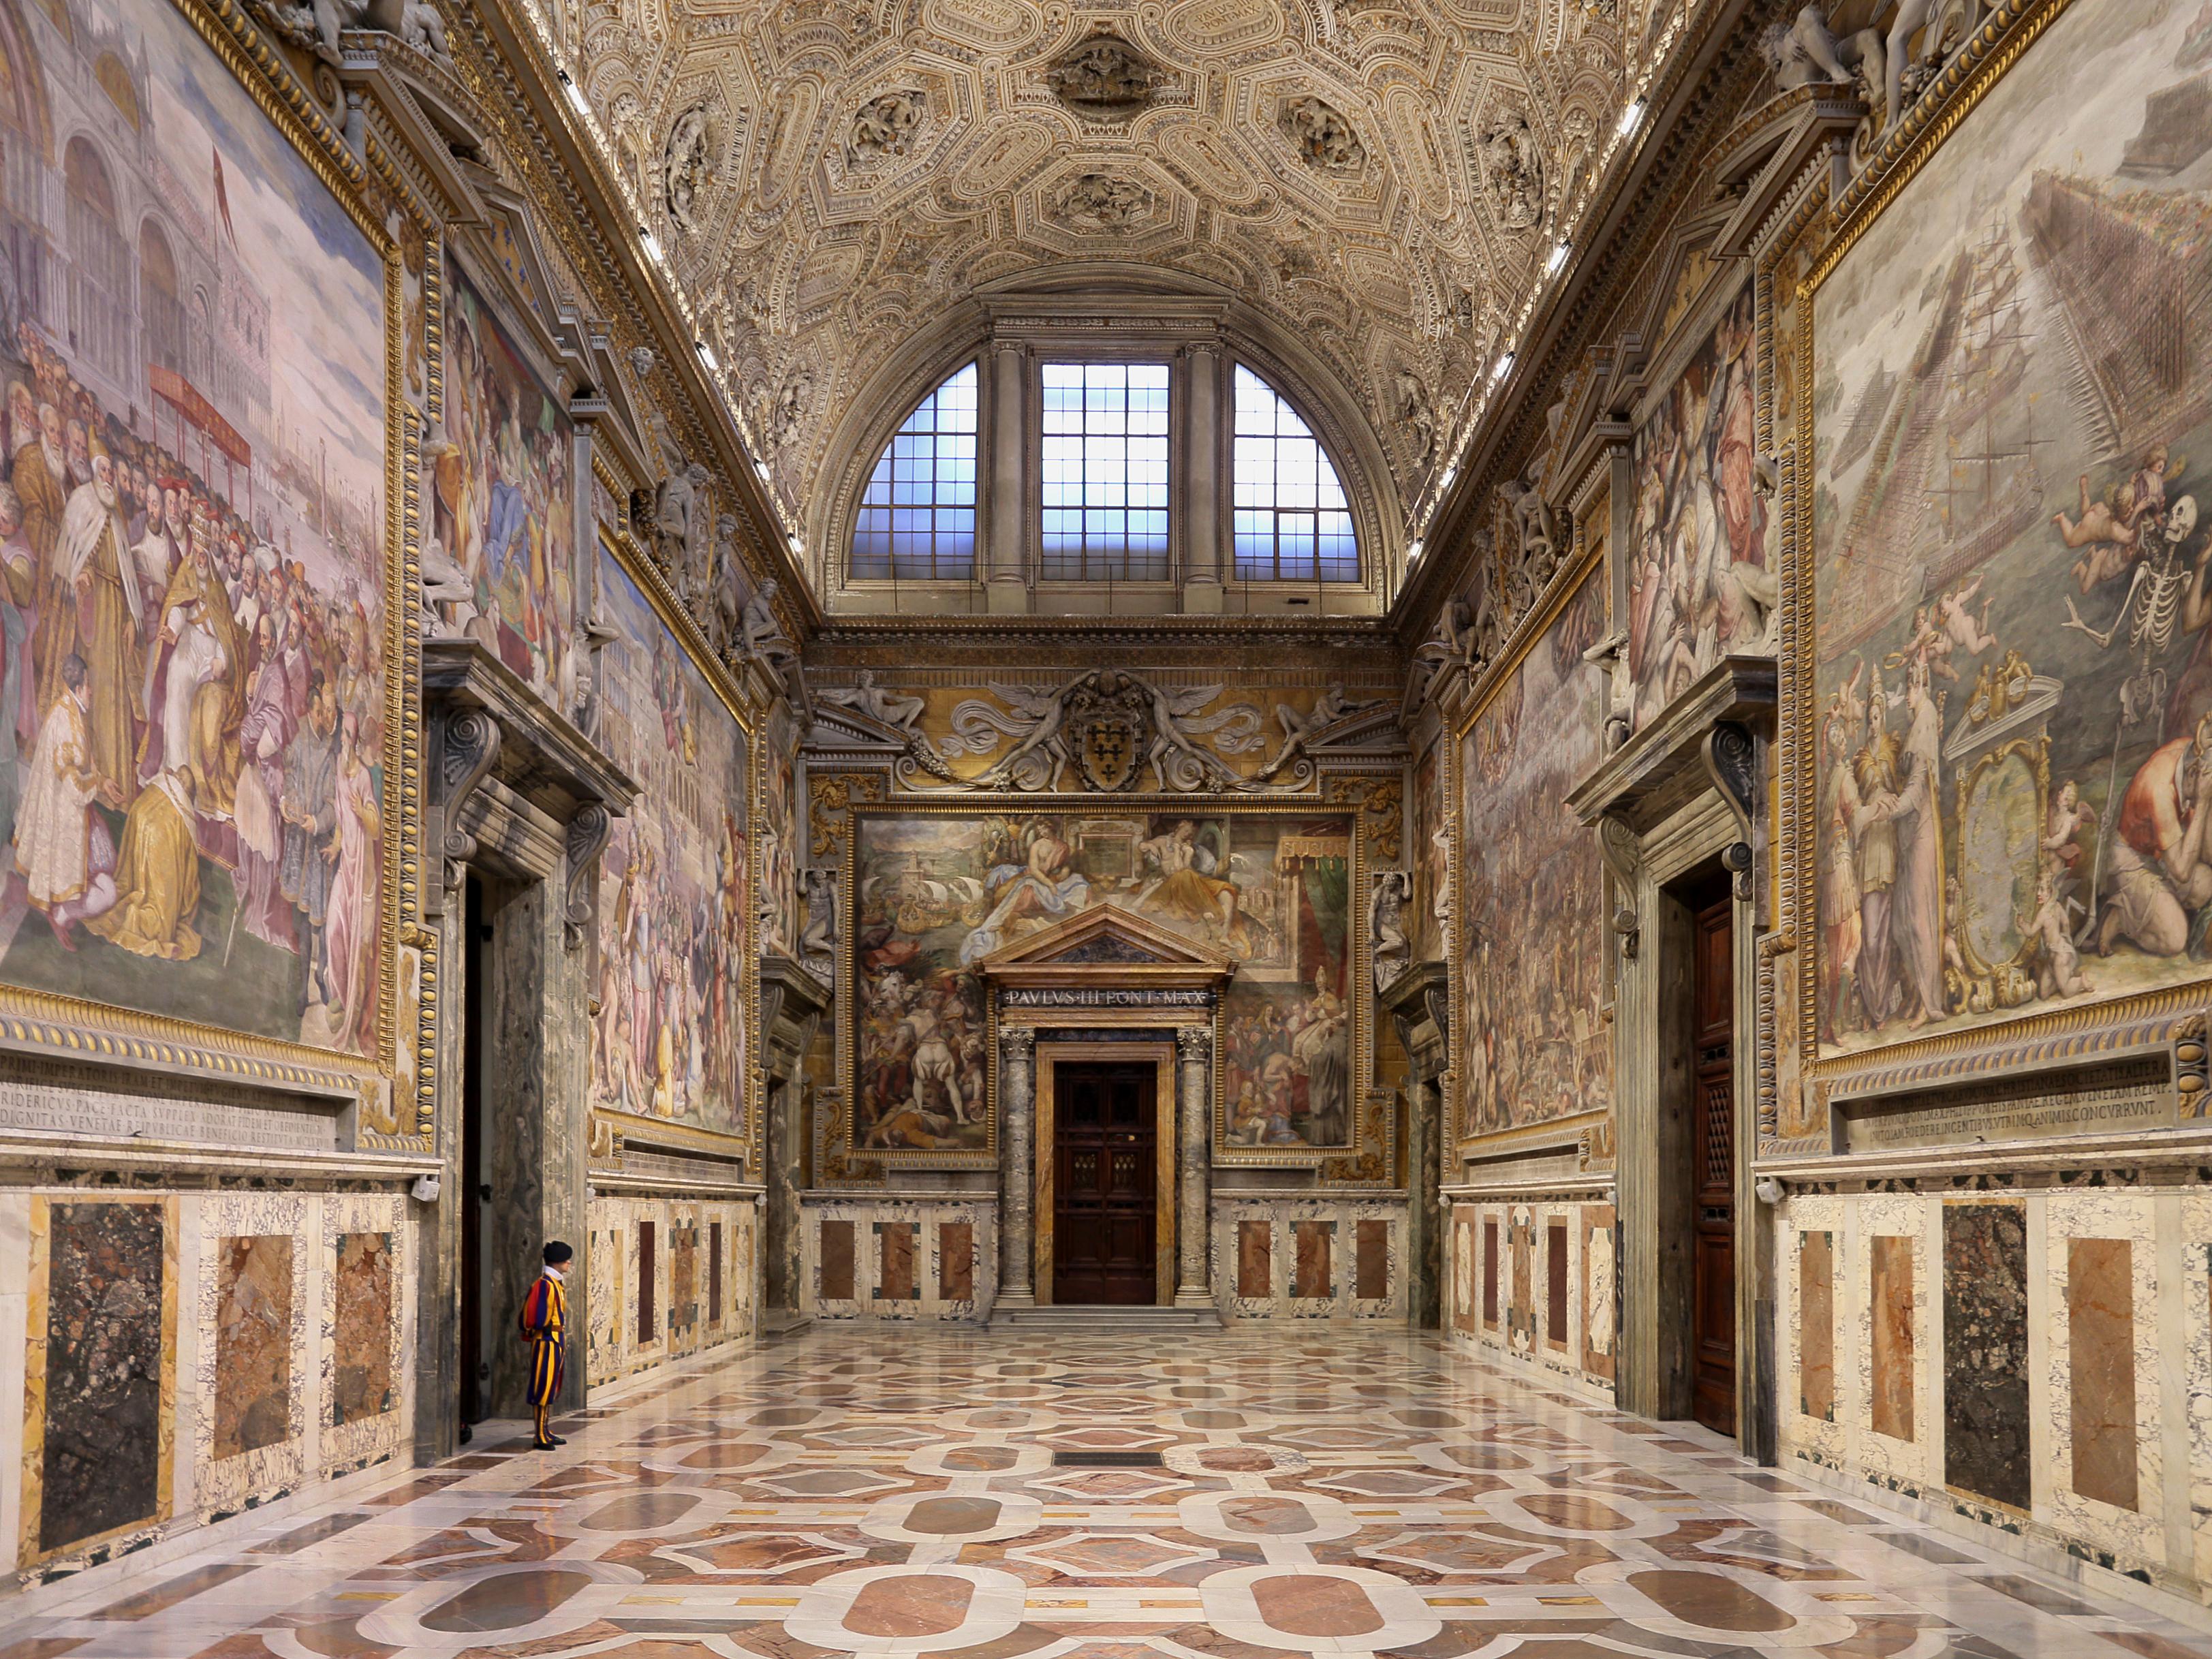 Sala regia%2C 12 - Keren! 5 Bangunan Rancangan Arsitek Italia, Antonio da San Gallo